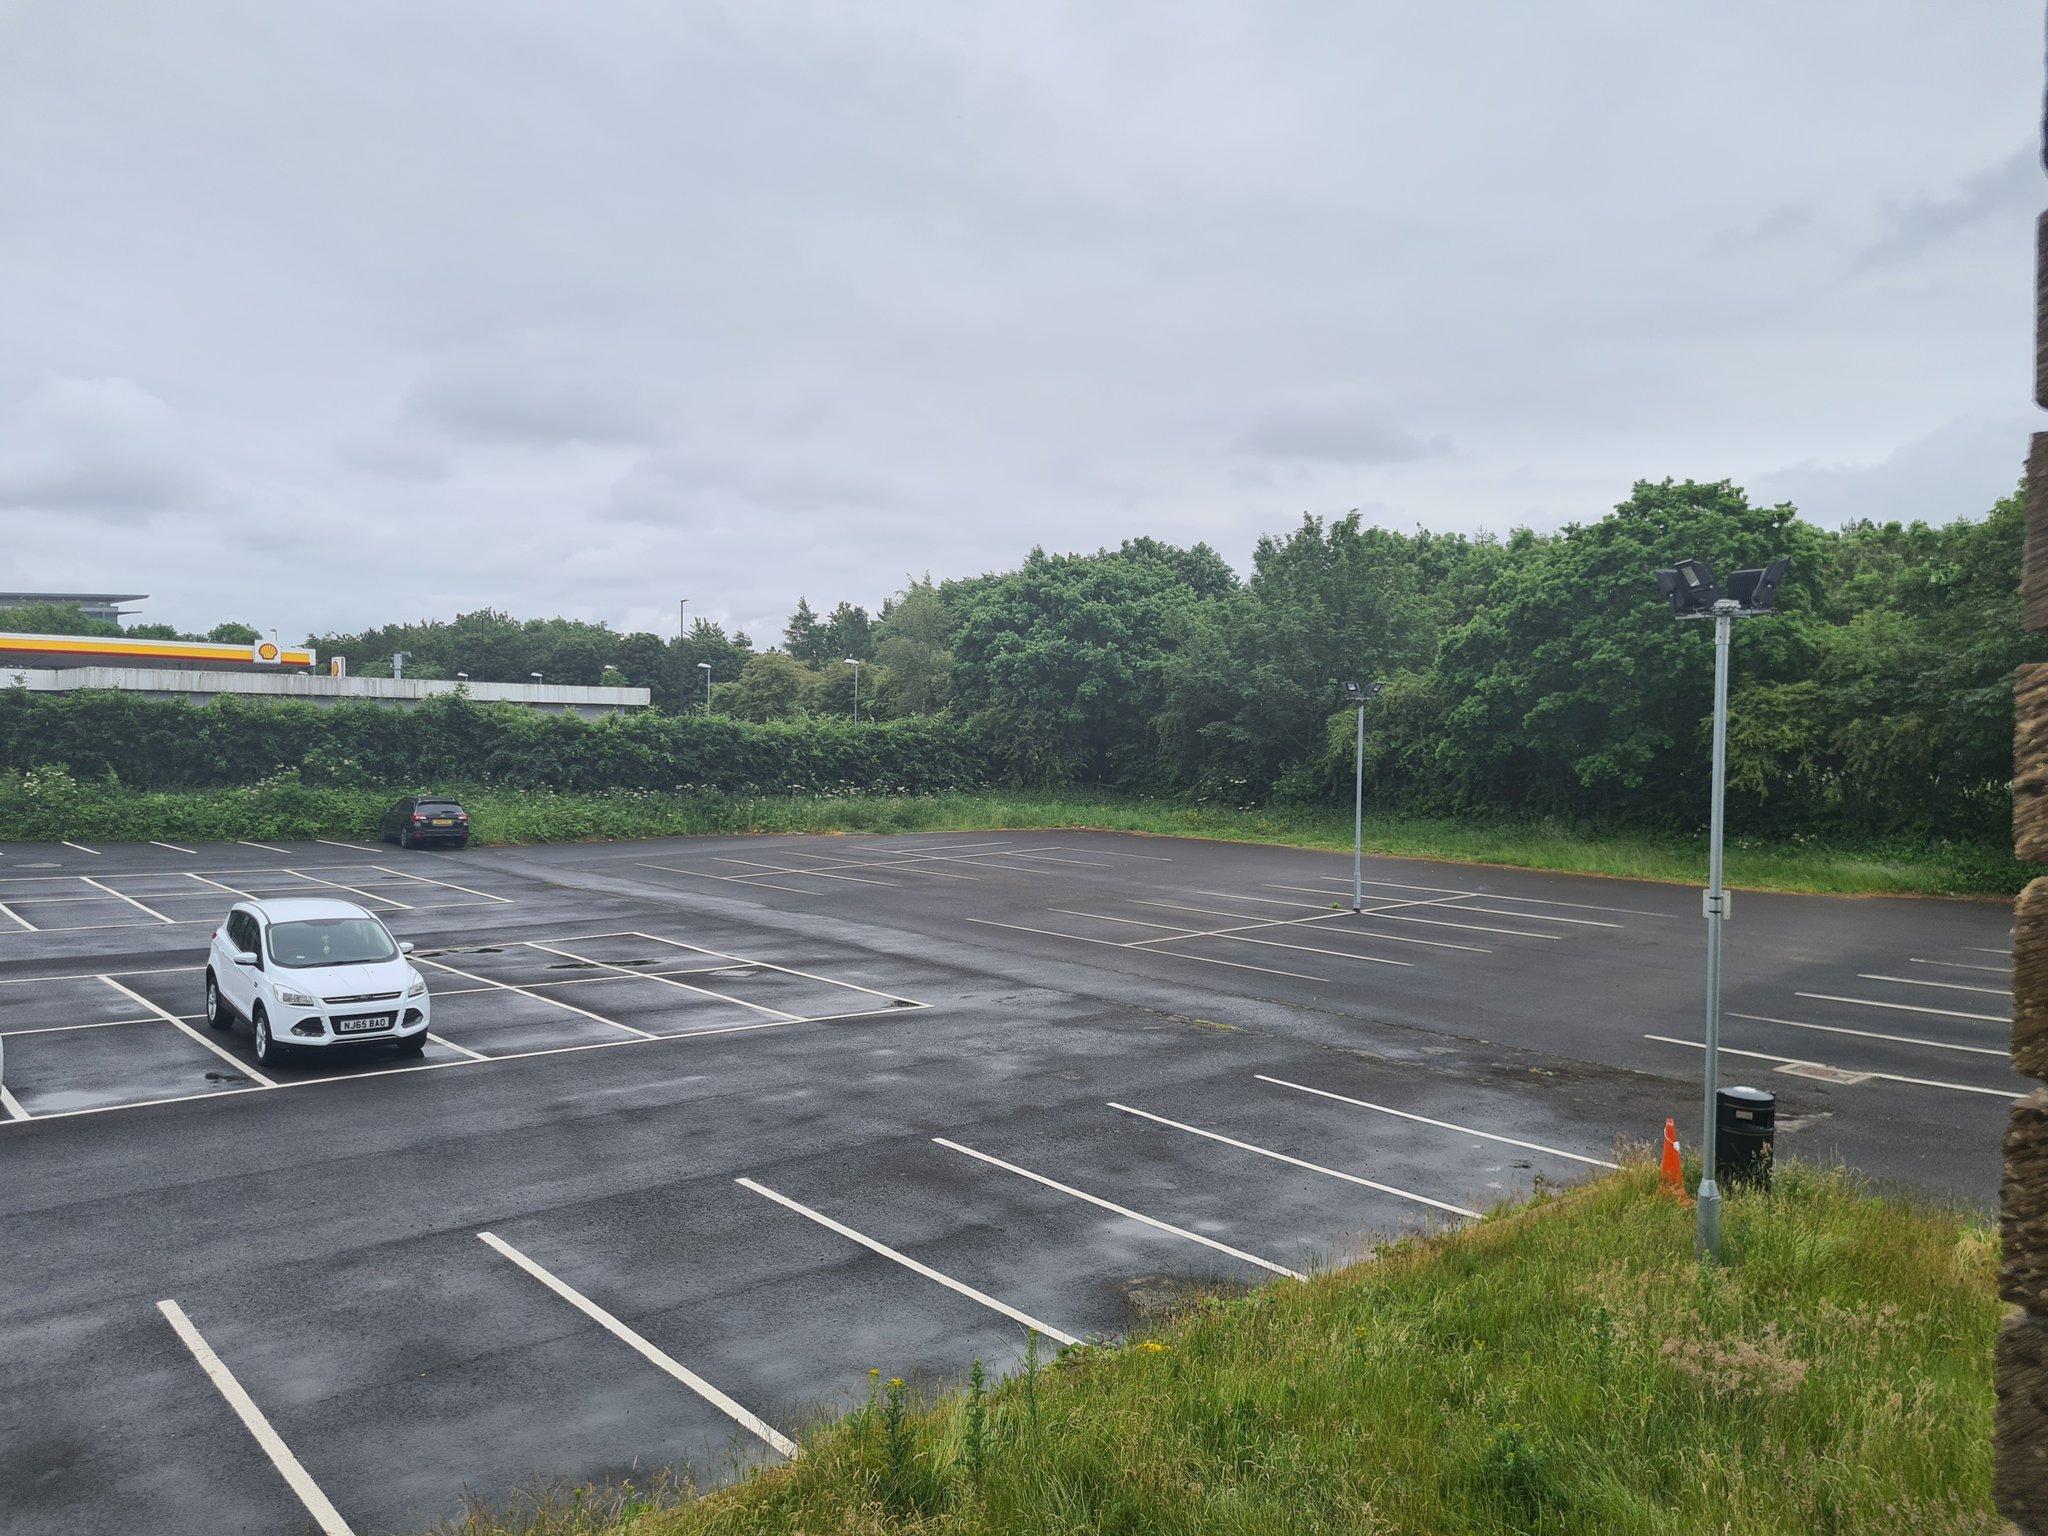 साउथैम्पटन में आज शाम 4 बजे तक भारी बारिश हो सकती है। ऐसे में दिन के खेल पर संकट मंडरा रहा है।